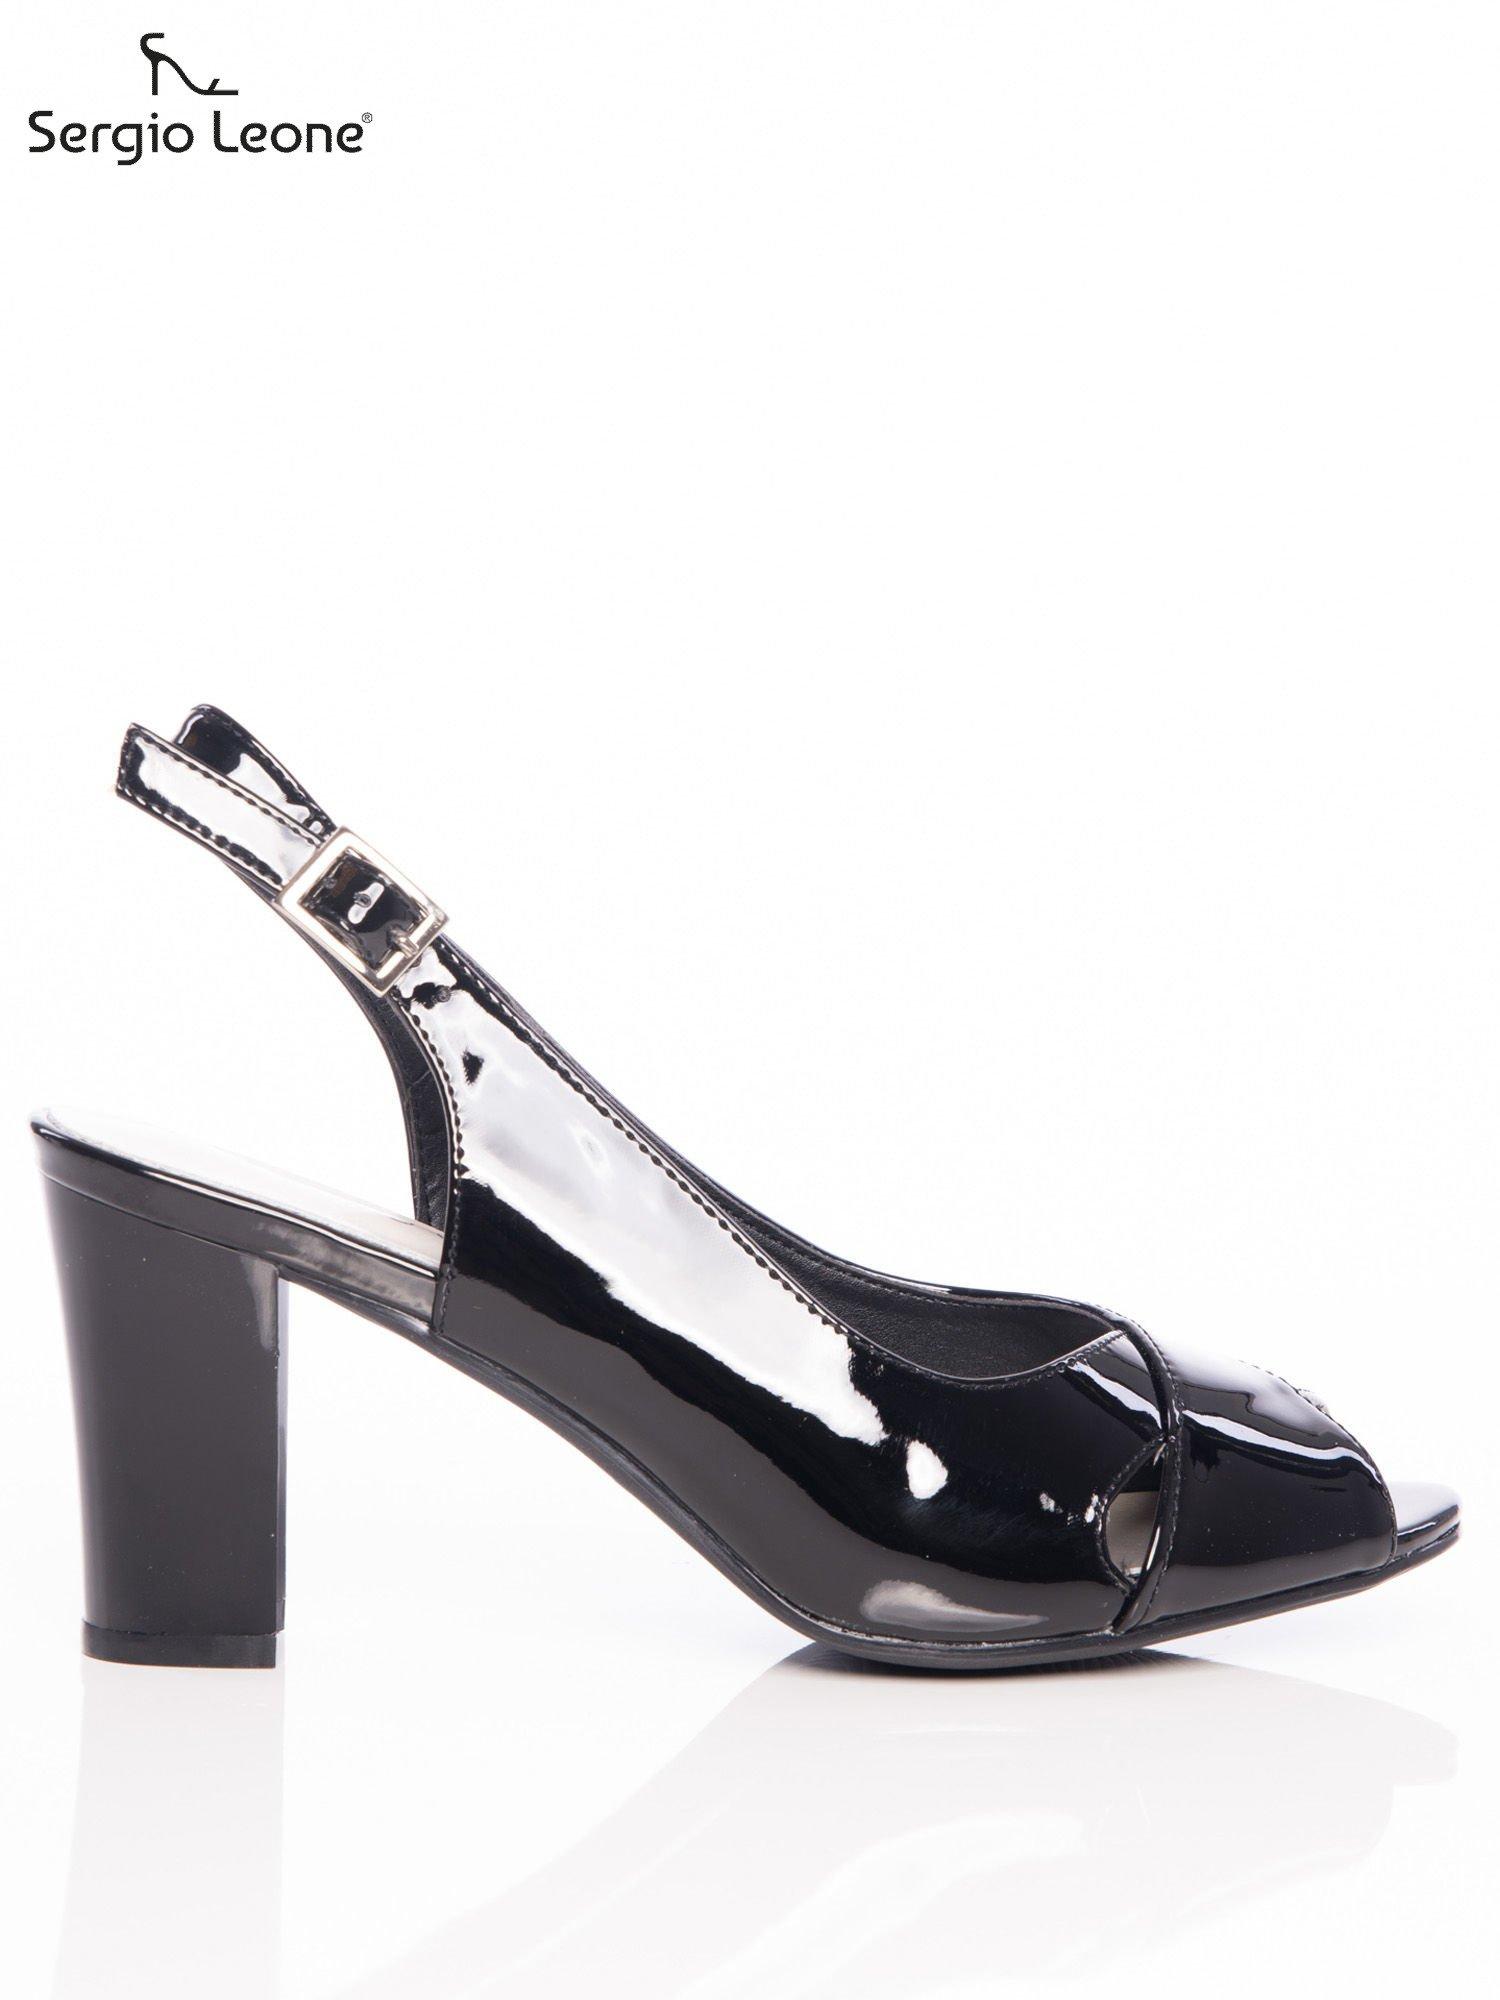 5c1eaabe972e Czarne lakierowane sandały Sergio Leone z ozdobnymi paskami na przodzie na  wyższym słupku ...